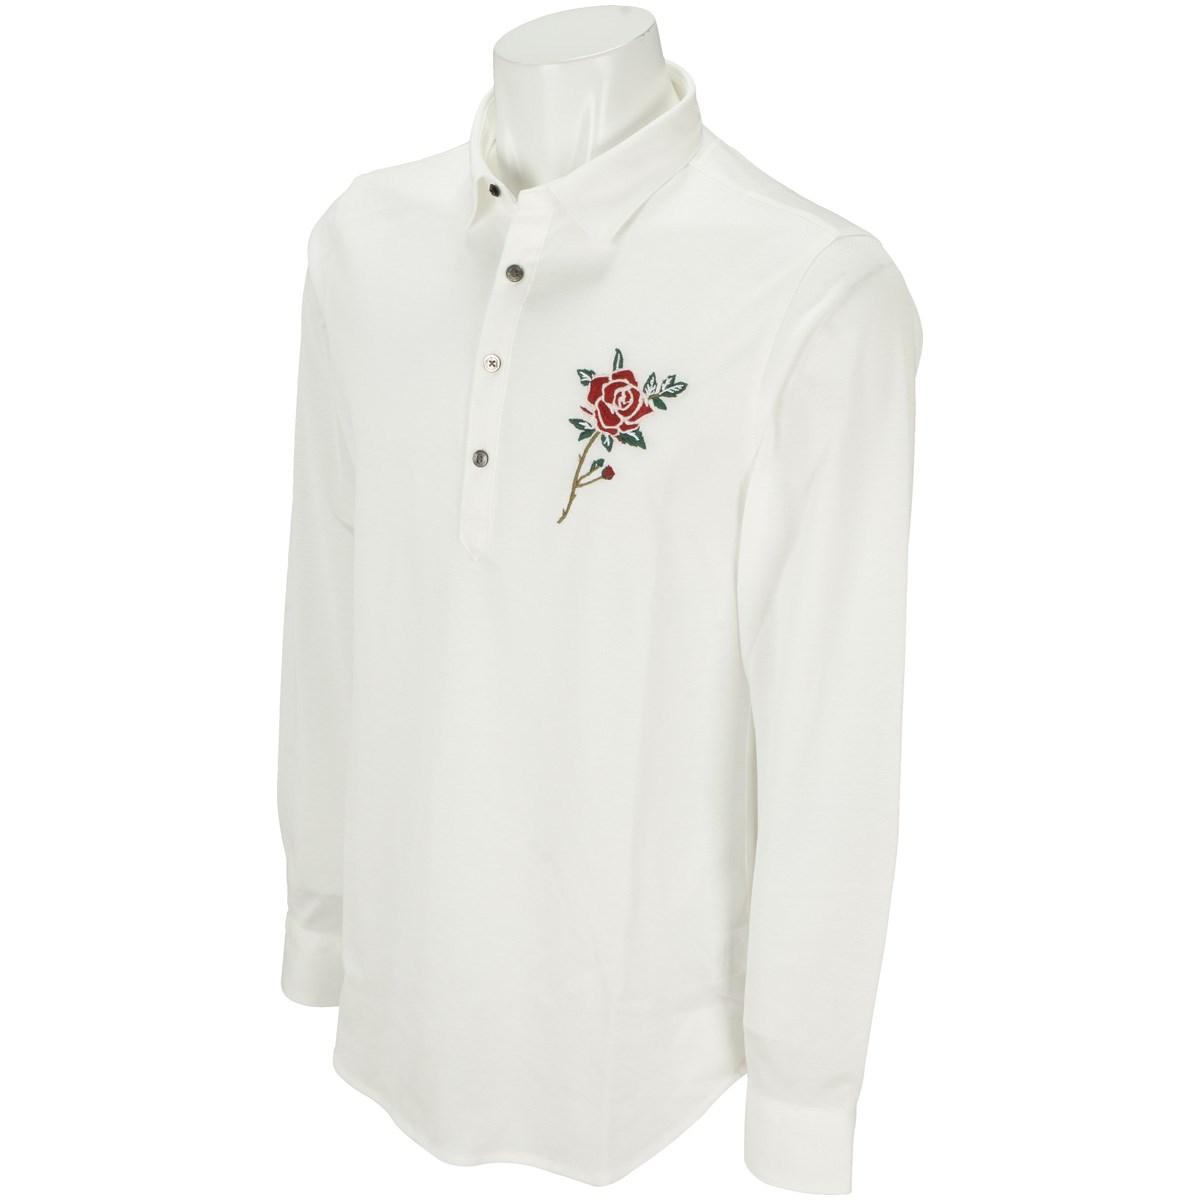 セント・アンドリュース BlackLabel レンシル鹿の子薔薇刺繍 長袖ポロシャツ